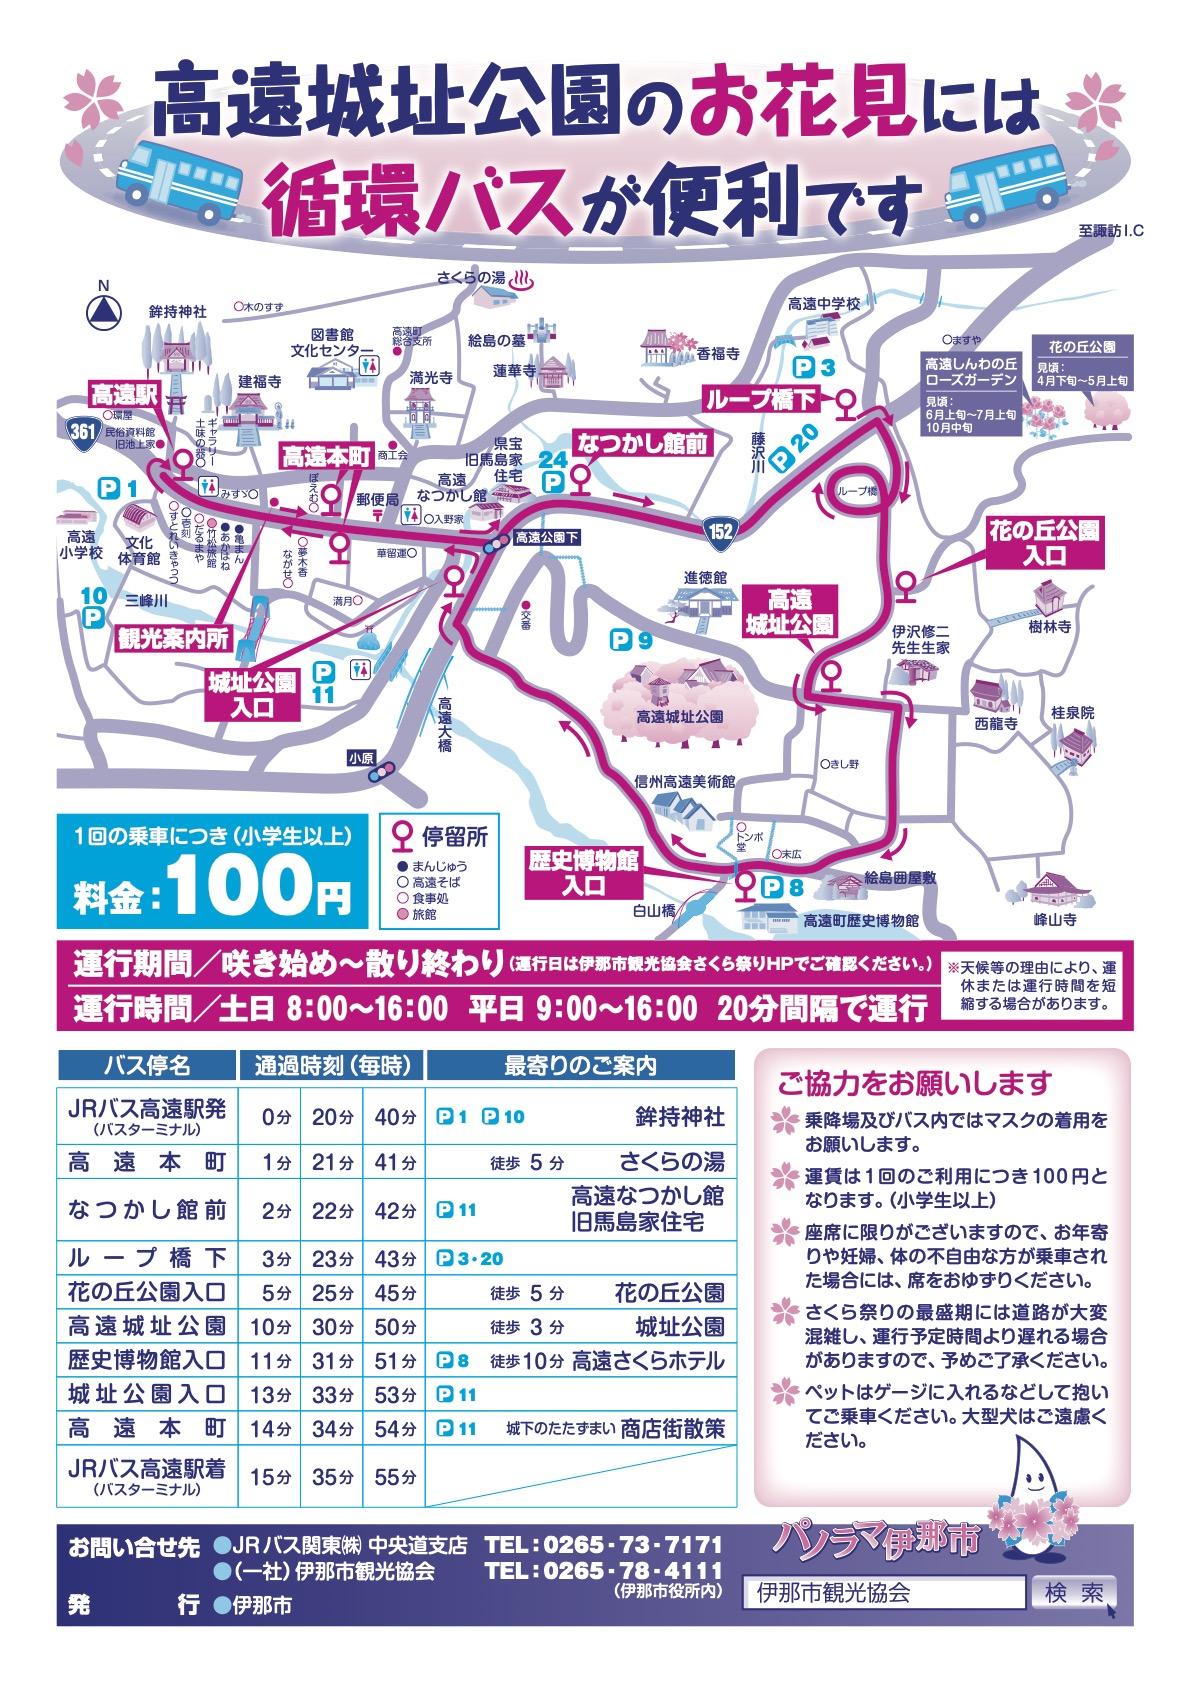 高遠駅から循環バス